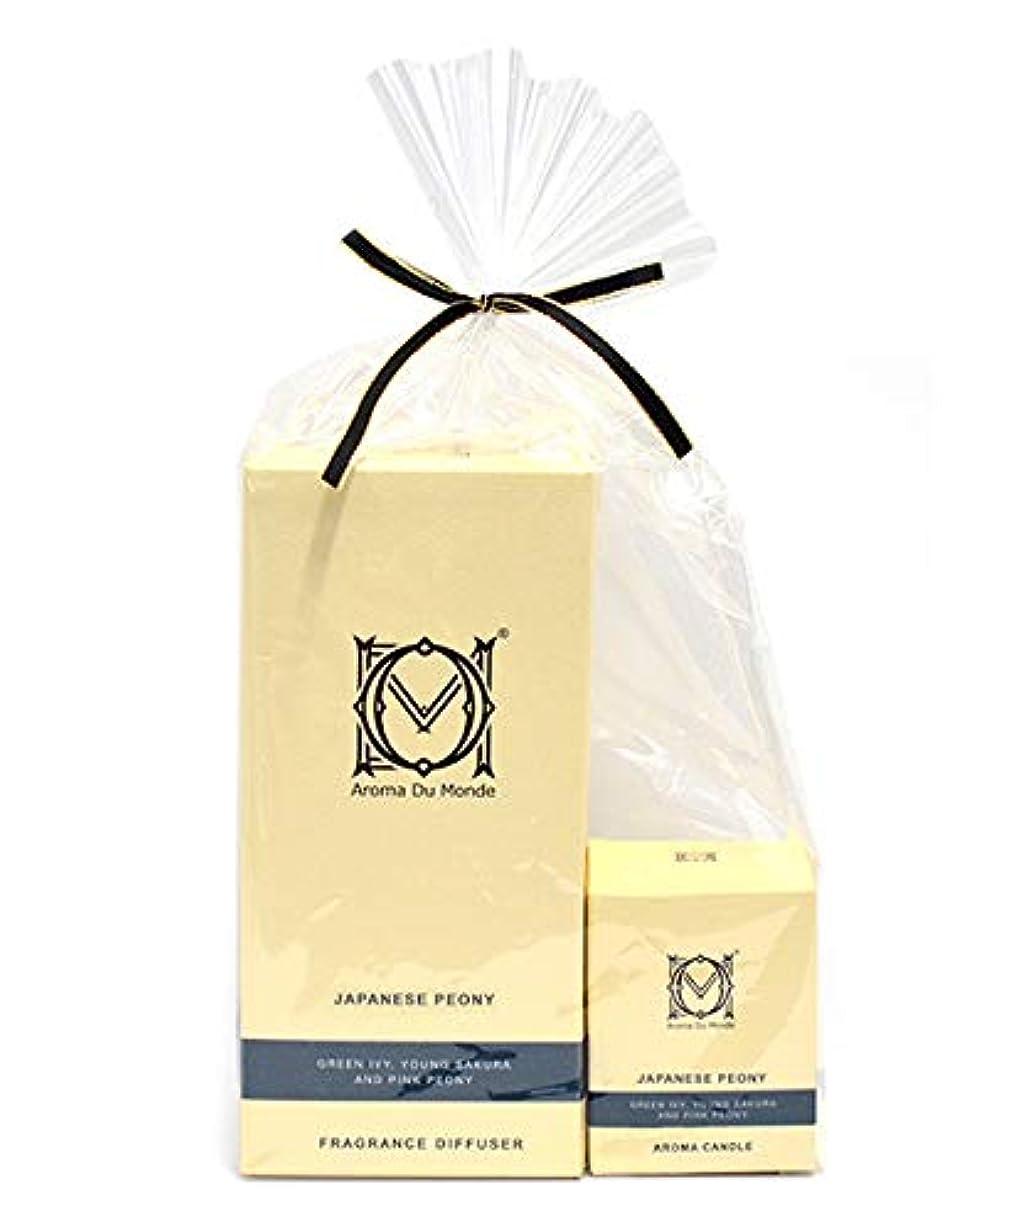 シルク結果として望遠鏡フレグランスディフューザー&キャンドル JPピオニー セット Aroma Du Monde/ADM Fragrance Diffuser & Candle Japanese Peony Set 81158